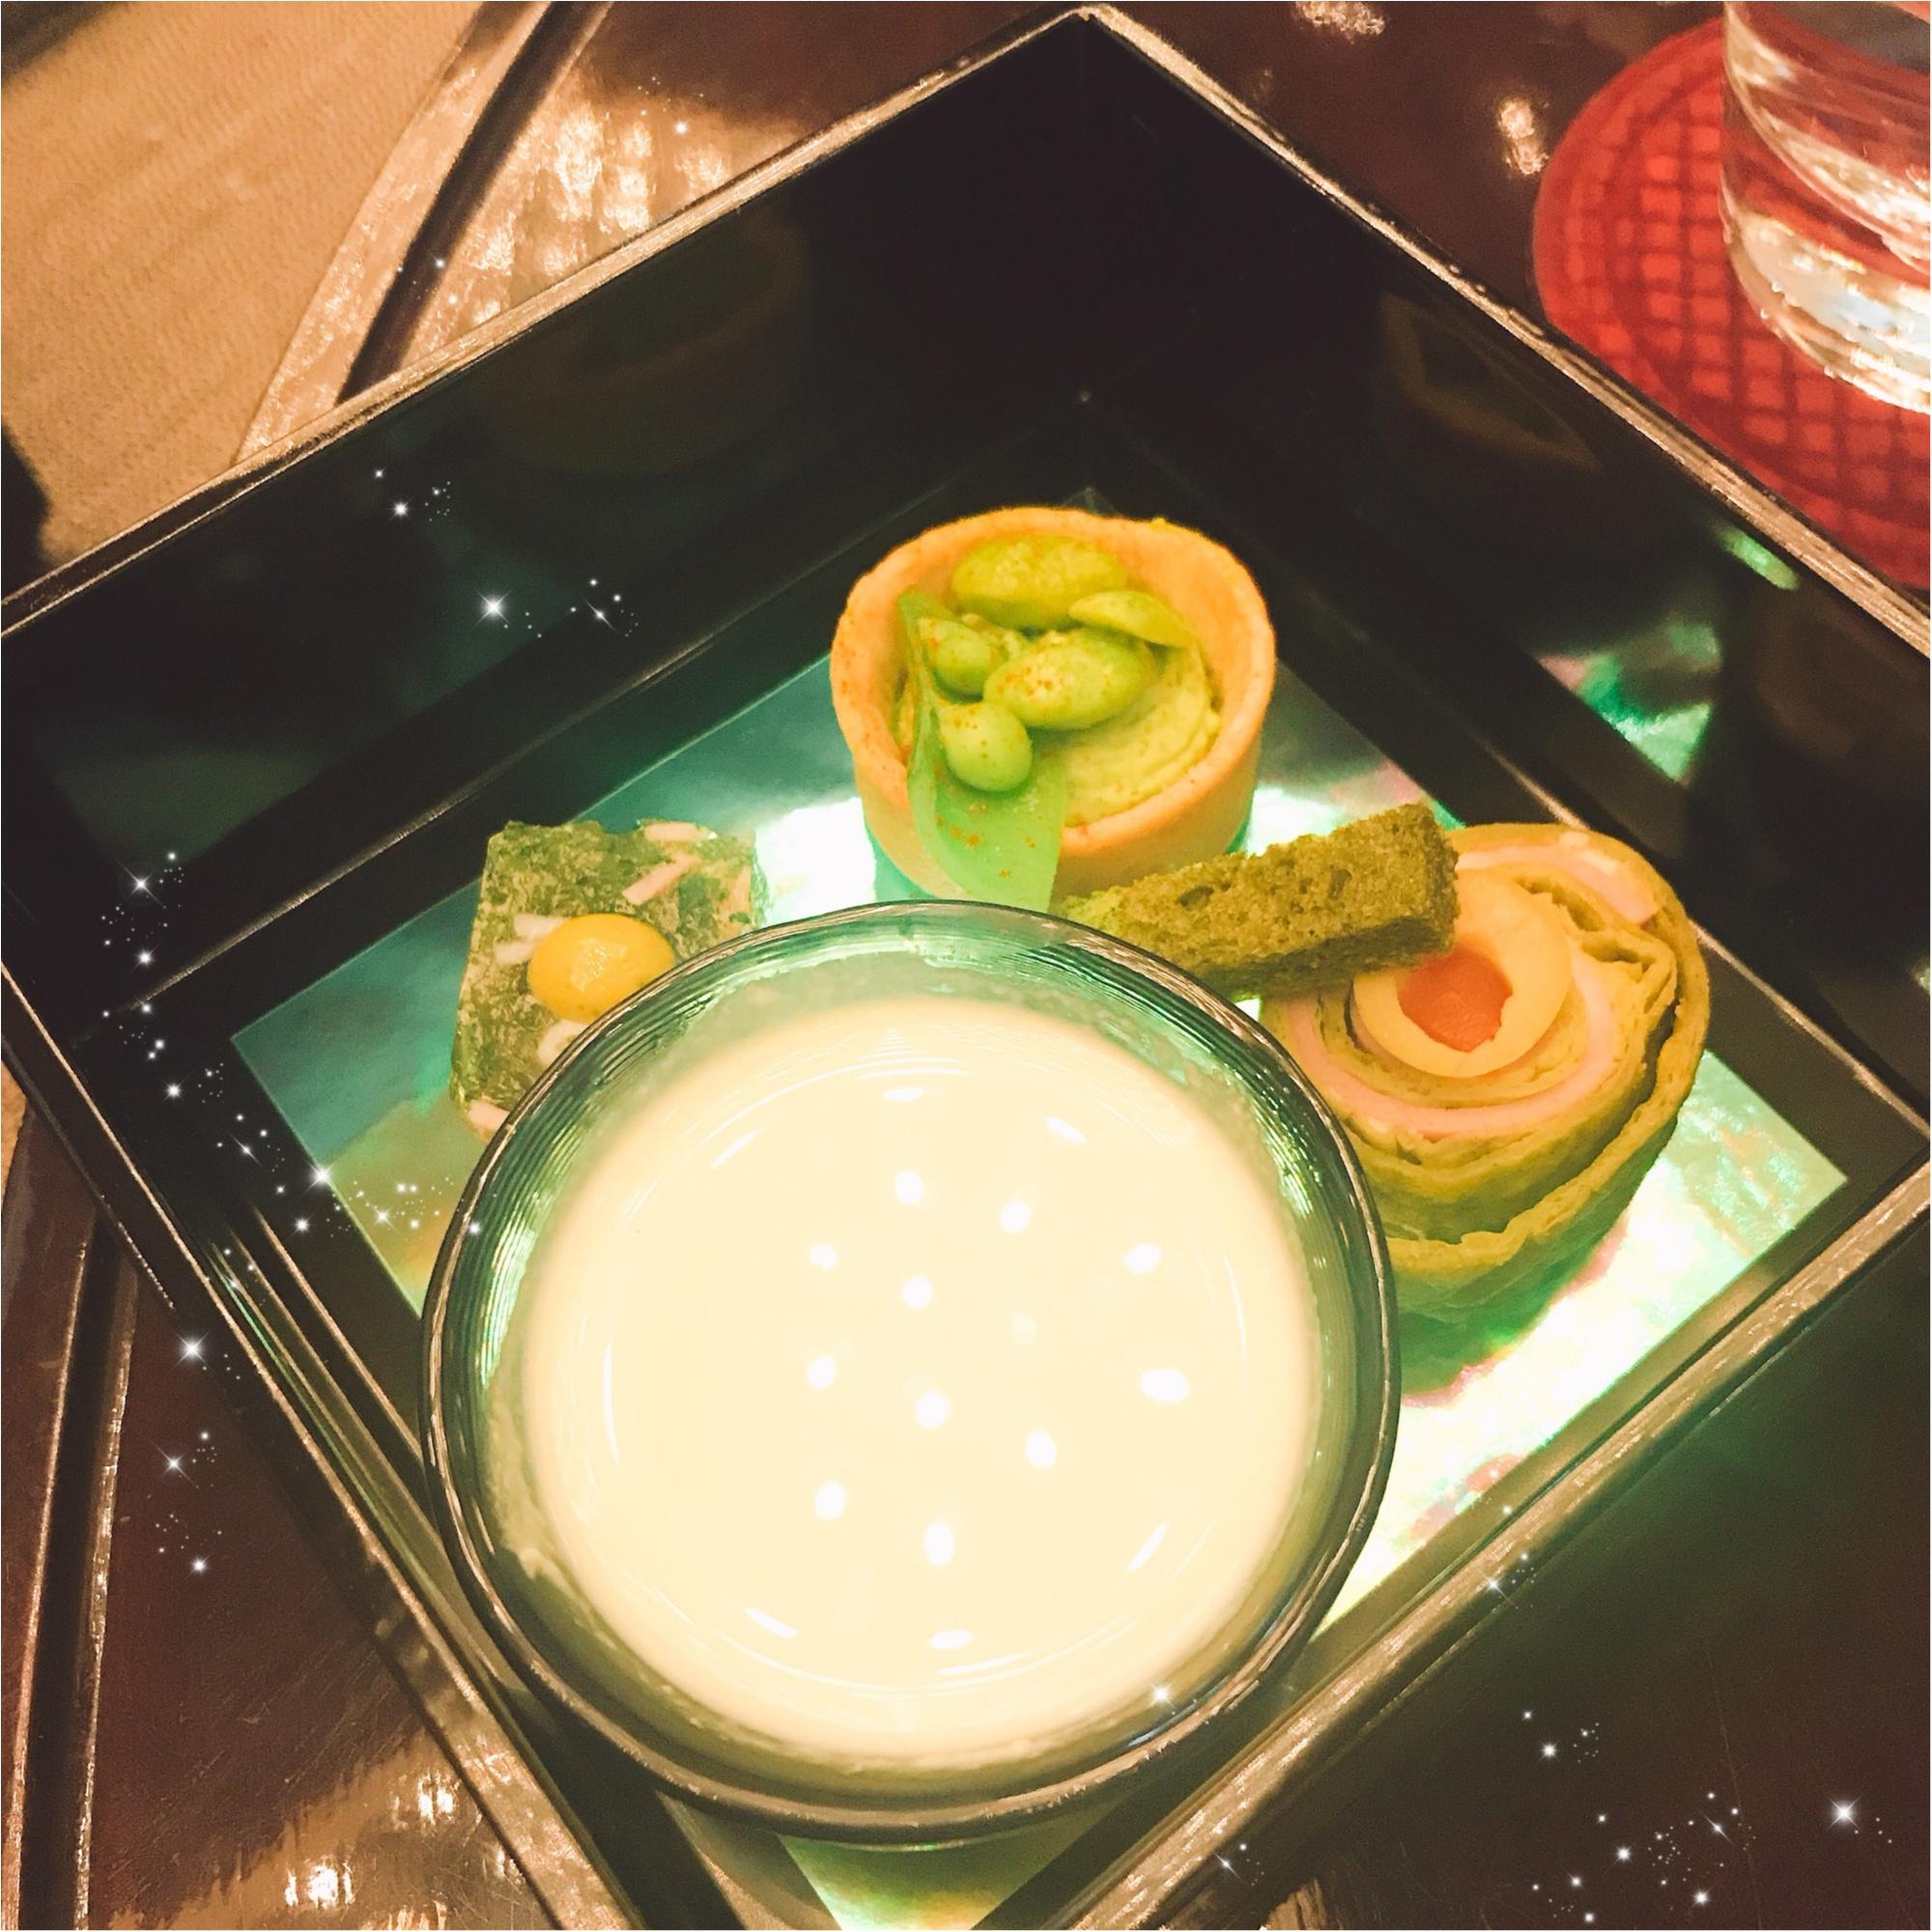 期間限定!抹茶好きにはたまらない、ANAインターコンチネンタルホテル東京の抹茶アフタヌーンティー。_5